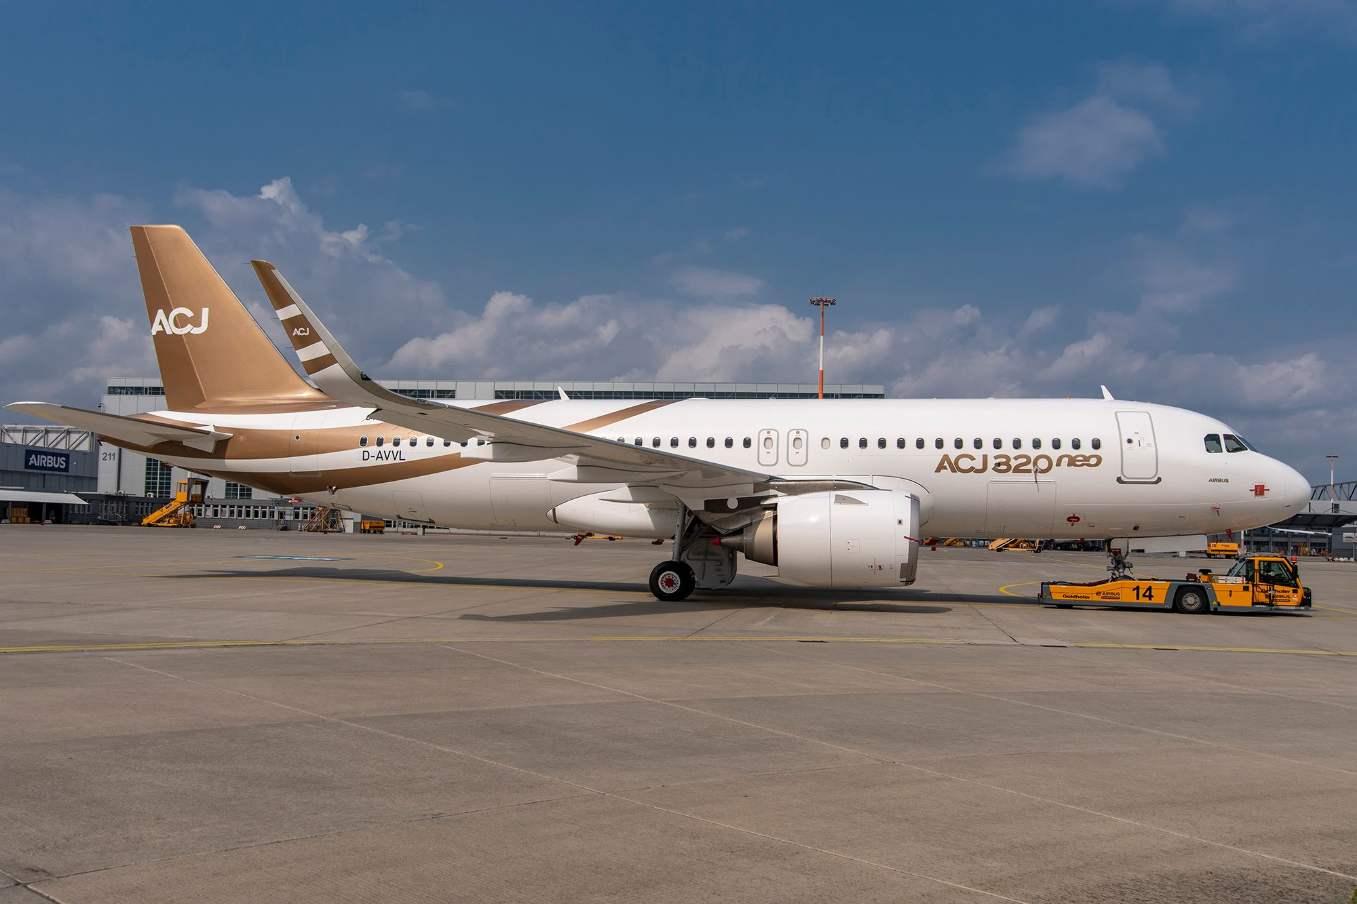 ACJ320neo set for flrst flight